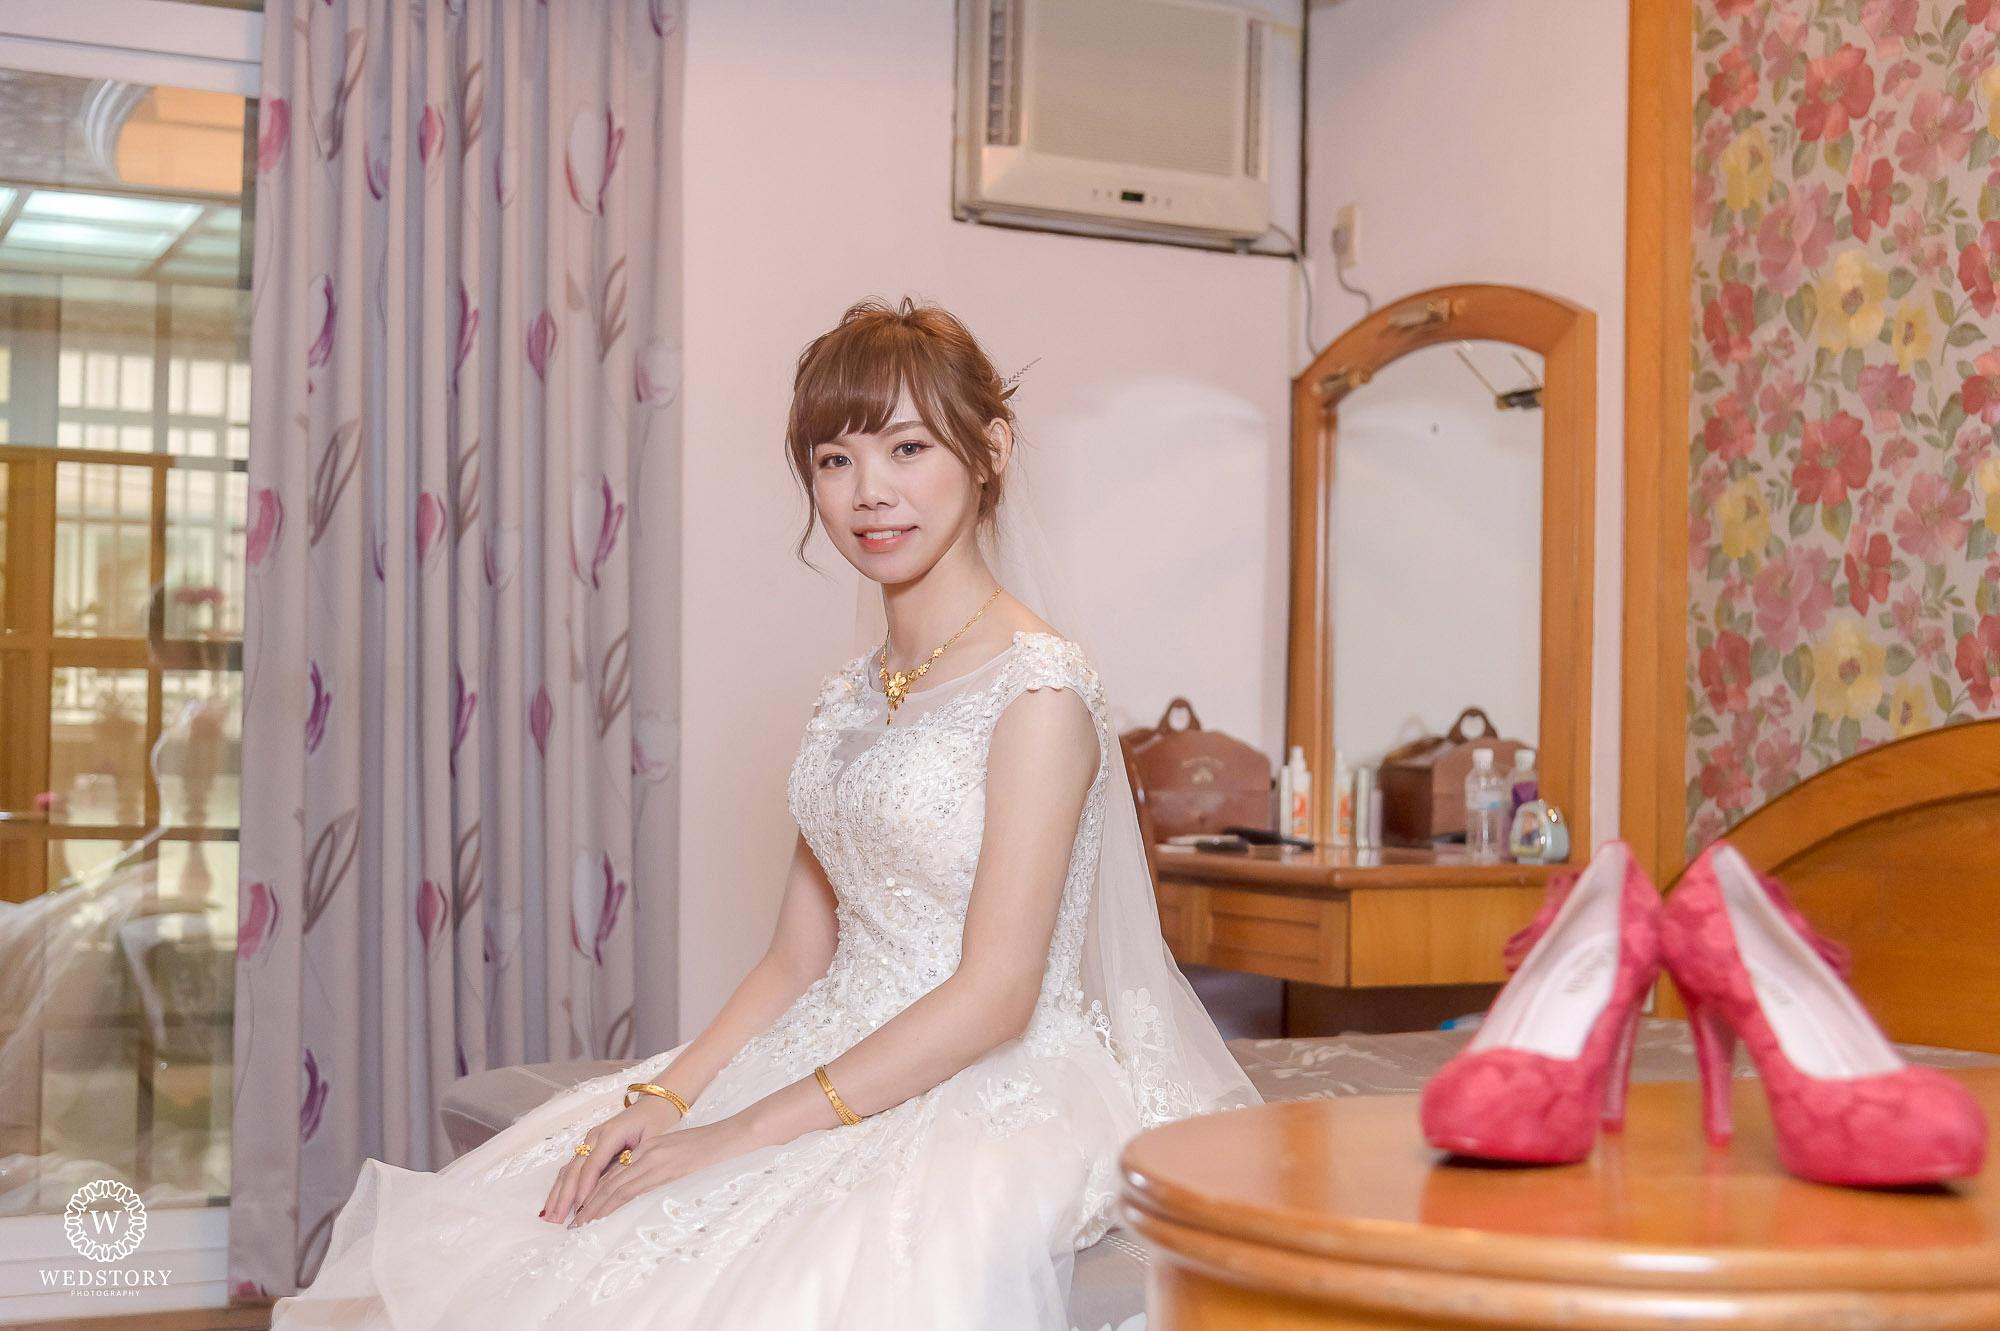 高雄晶綺盛宴婚攝01,銀河廳,珍珠廳,婚攝推薦,婚禮攝影,婚禮紀錄